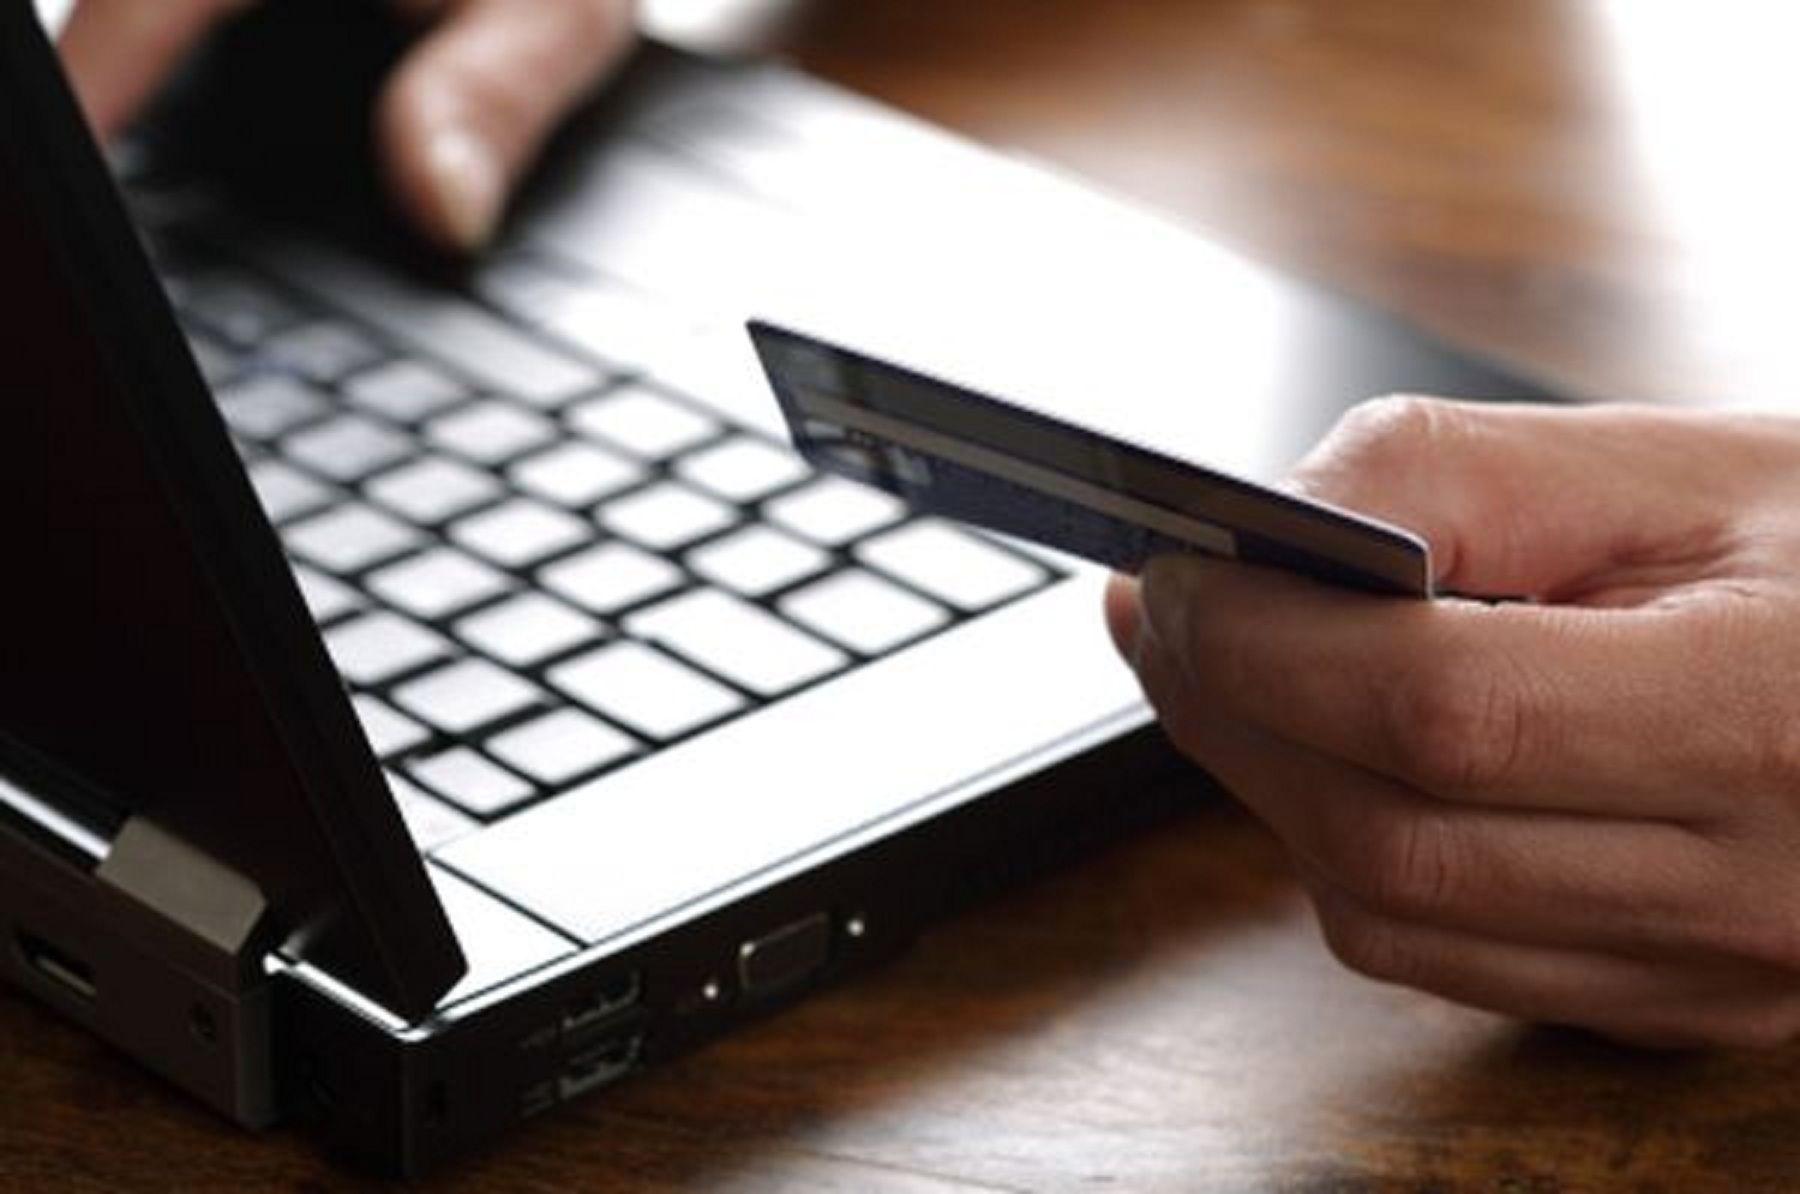 Récord de transacciones electrónicas: crecieron casi 30% en el 2018